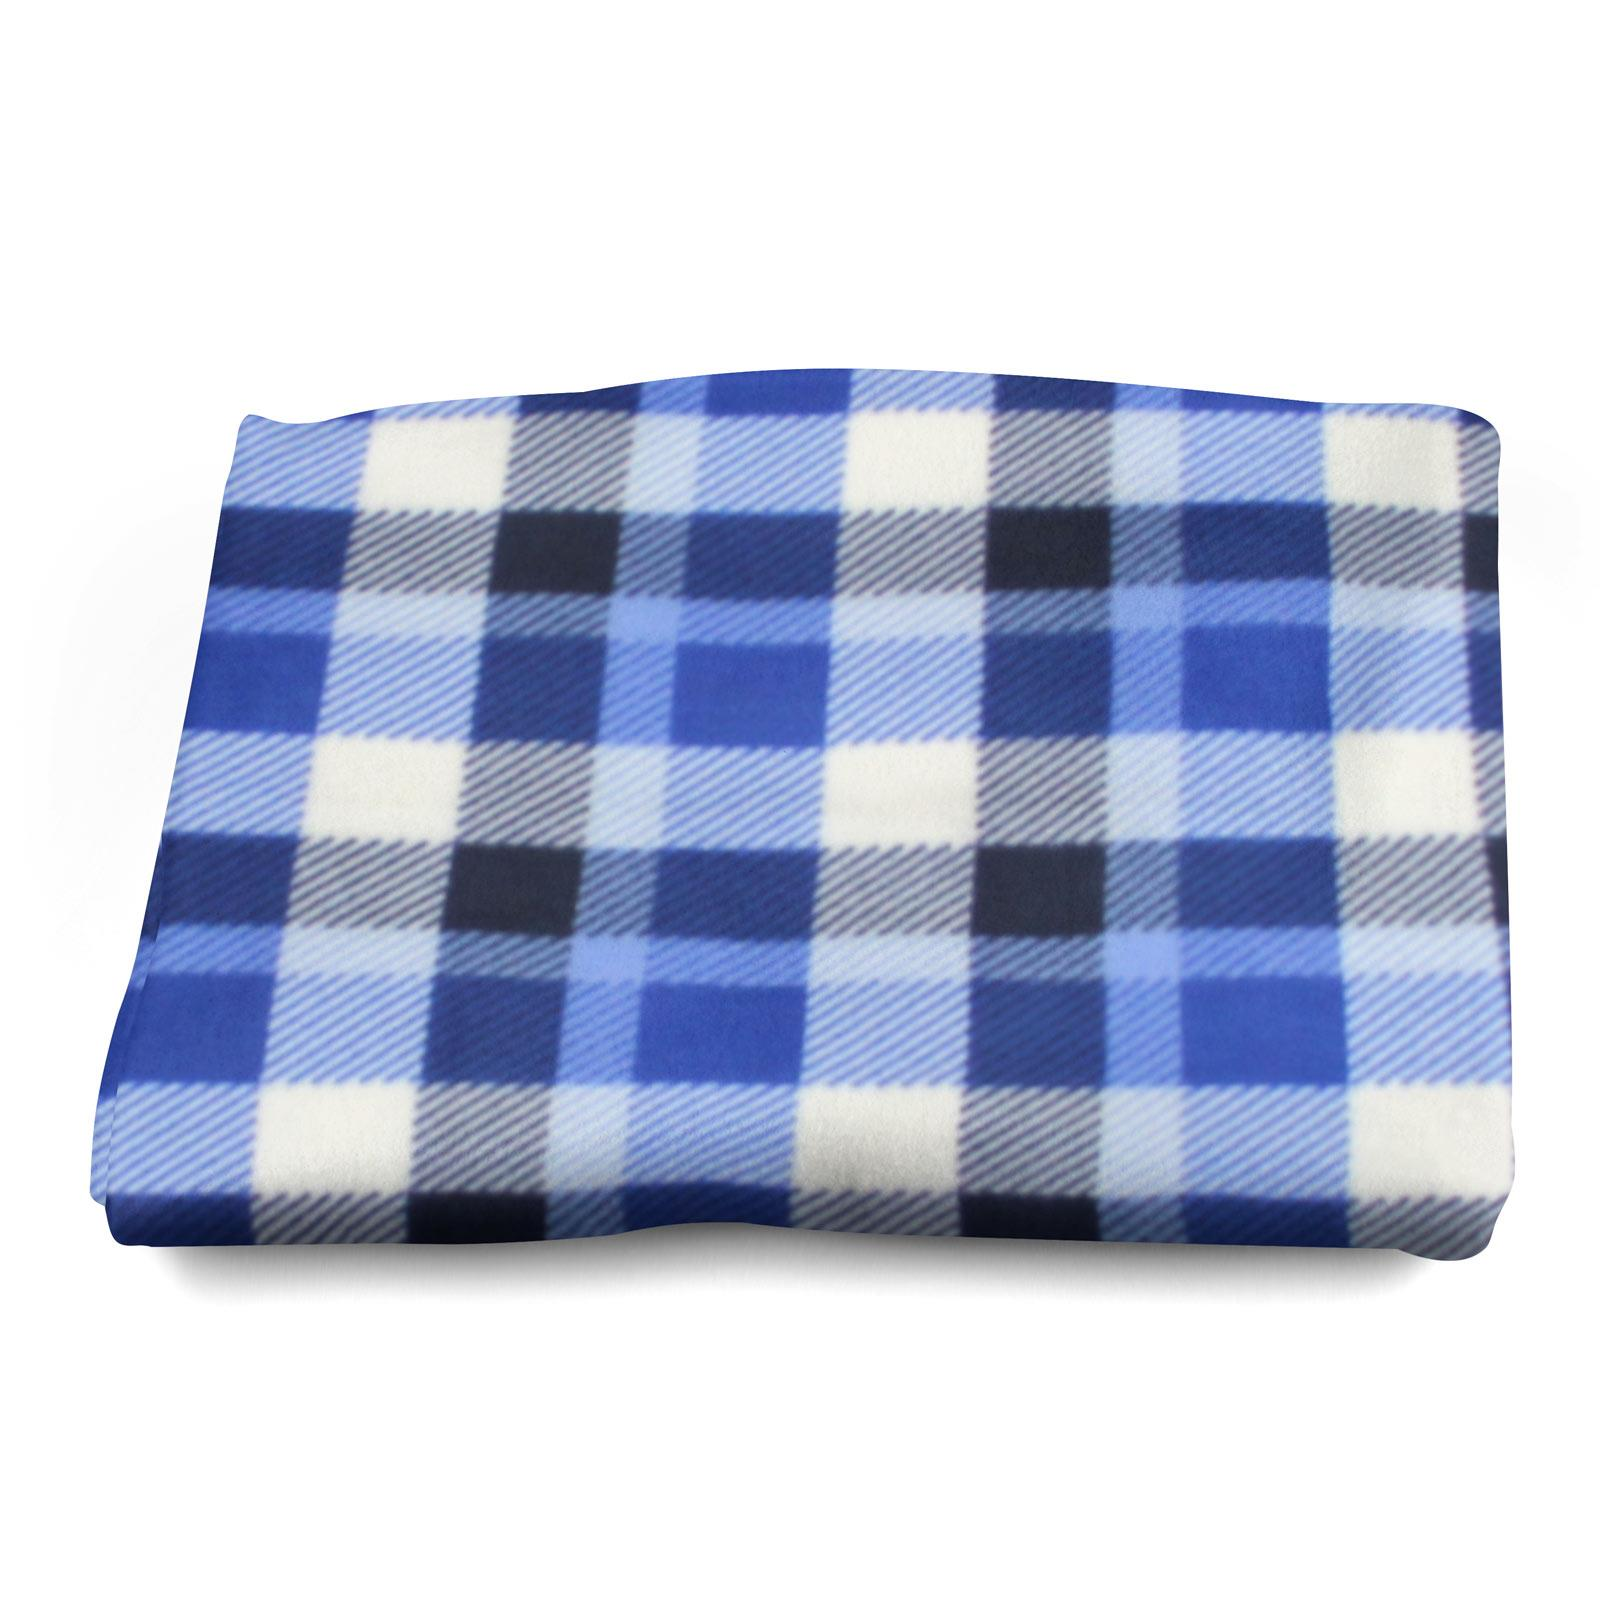 Sofa-de-verificacion-de-tartan-polar-mantas-polar-silla-acogedor-lanza-Manta-127cm-X-152cm miniatura 16